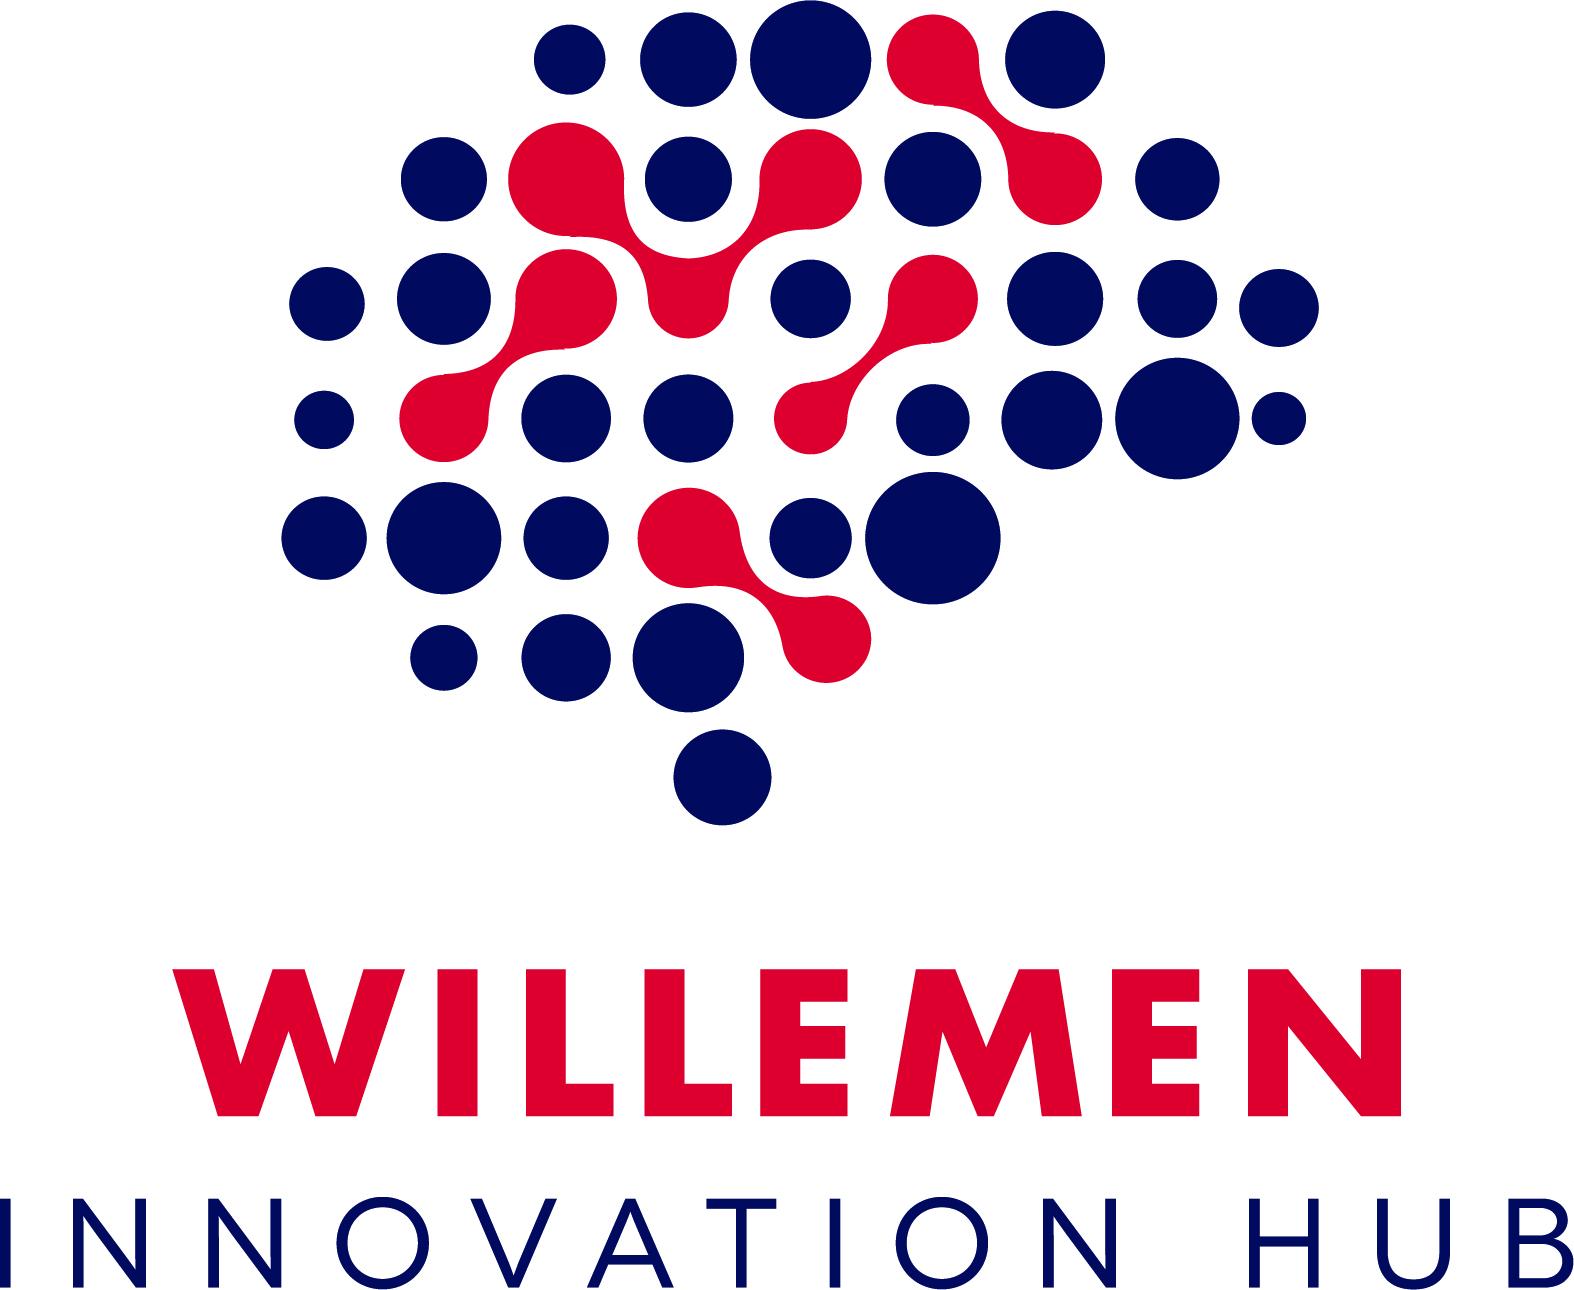 WILLEMEN INNOVATION HUB